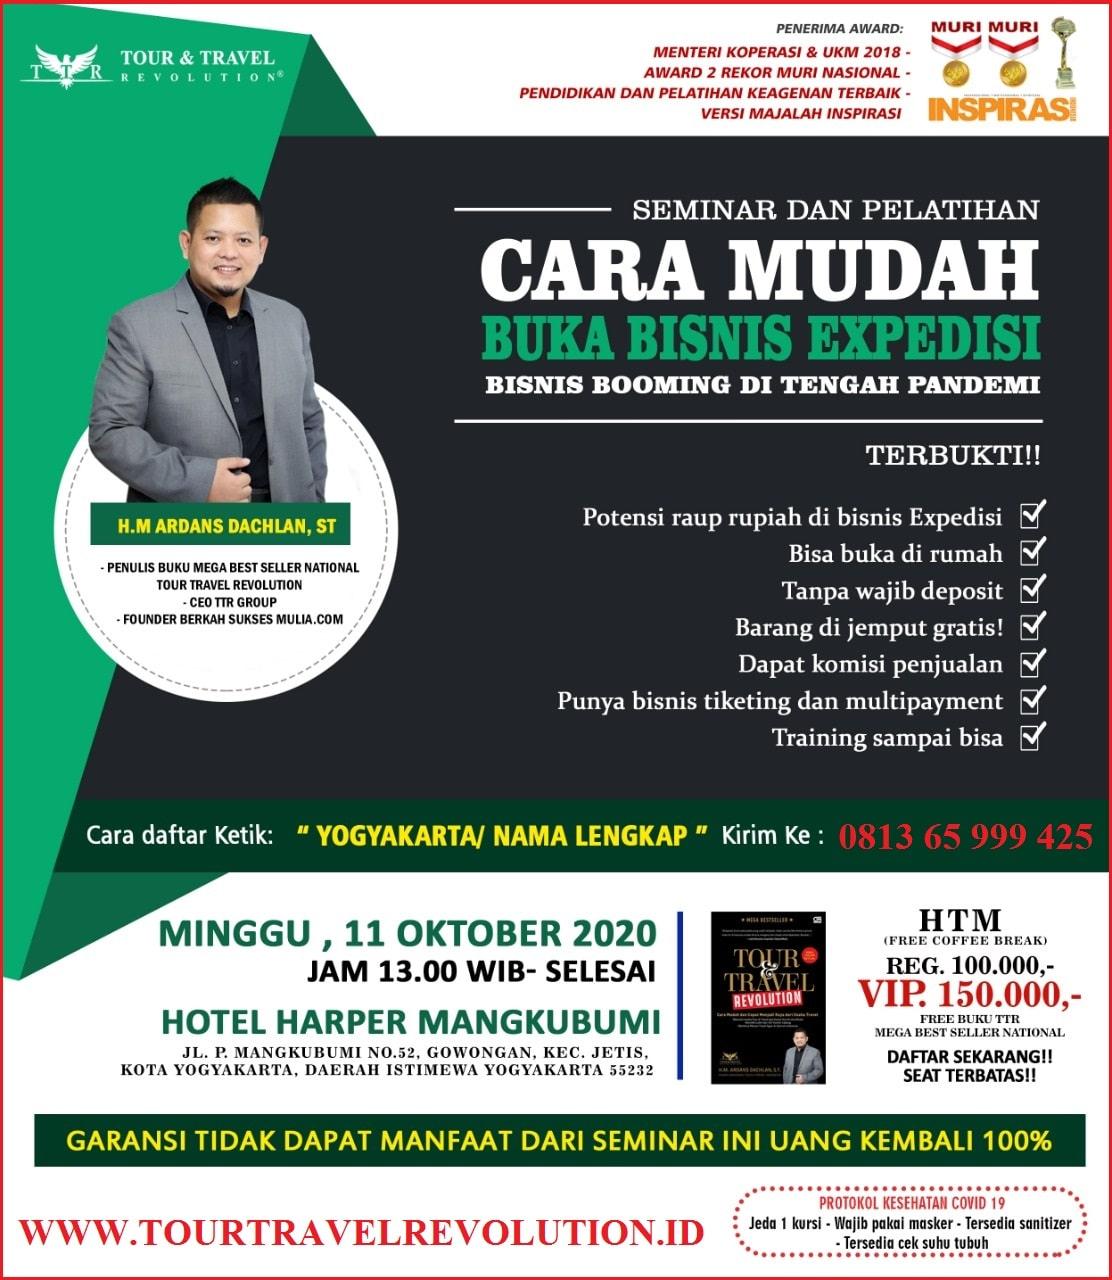 Bincang Bisnis Jasa Kirim Barang Yogyakarta